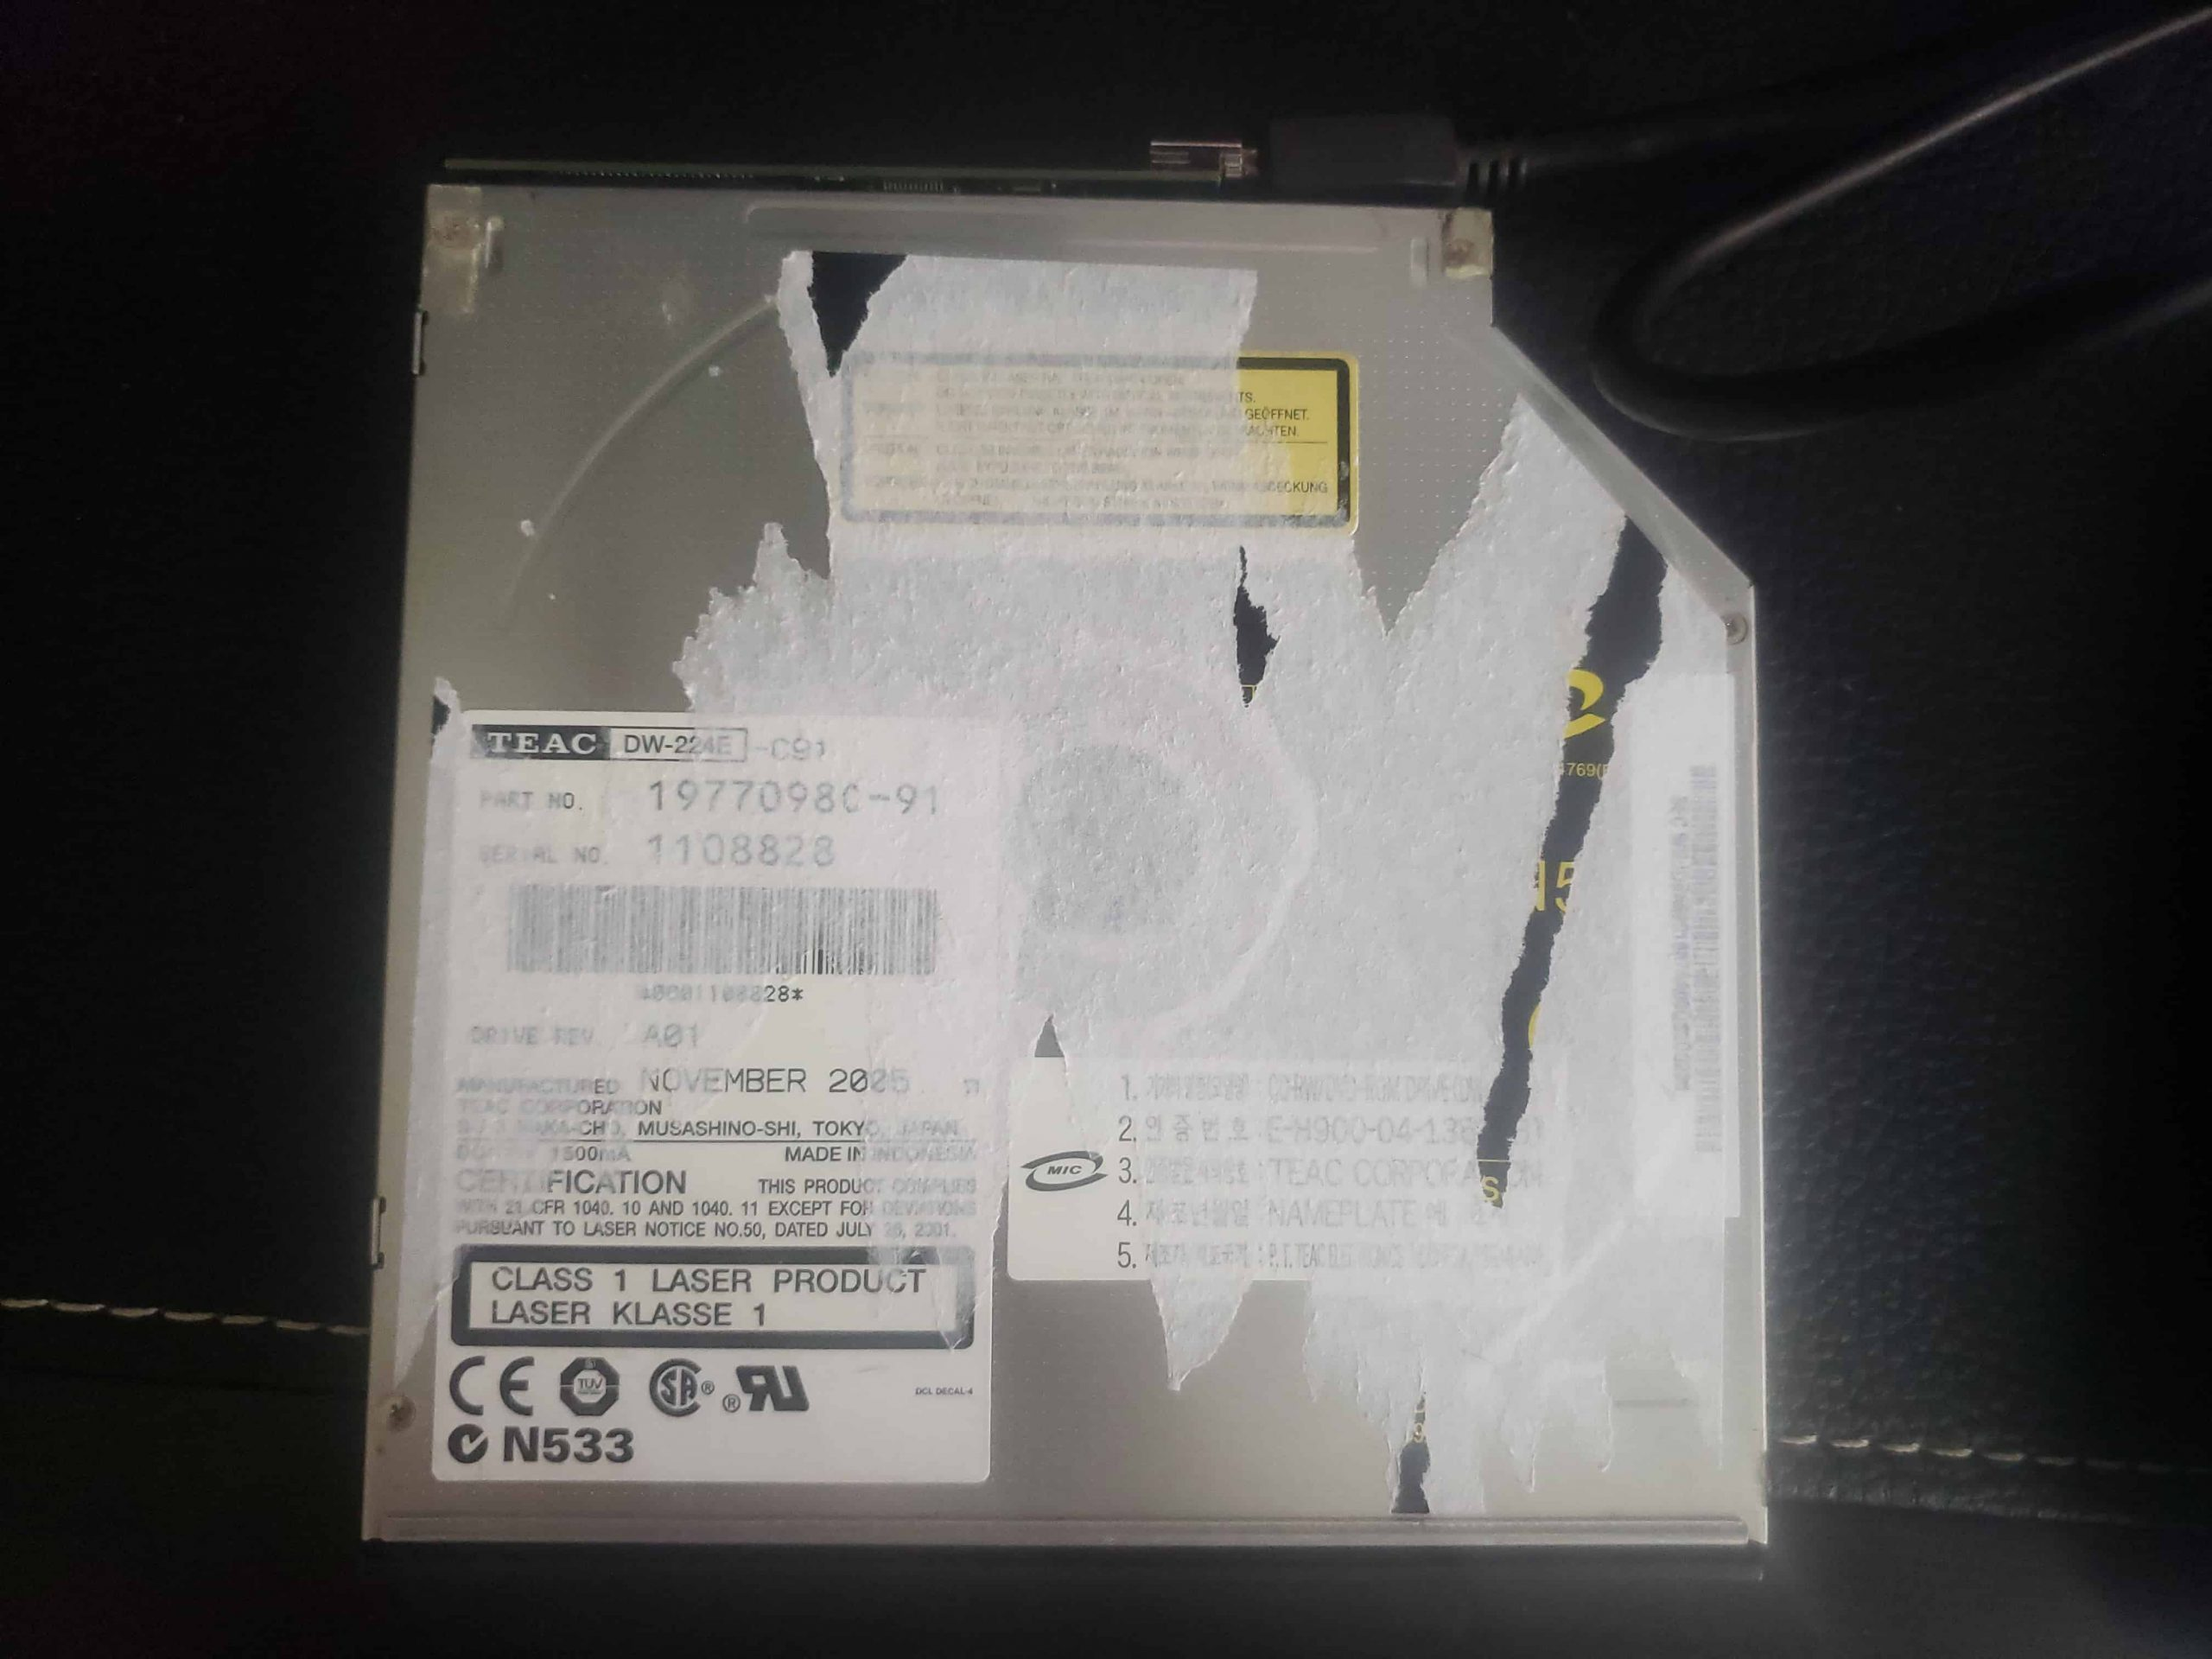 M Way External DVD Drive - Colorful Flame Pattern - Teardown - 9